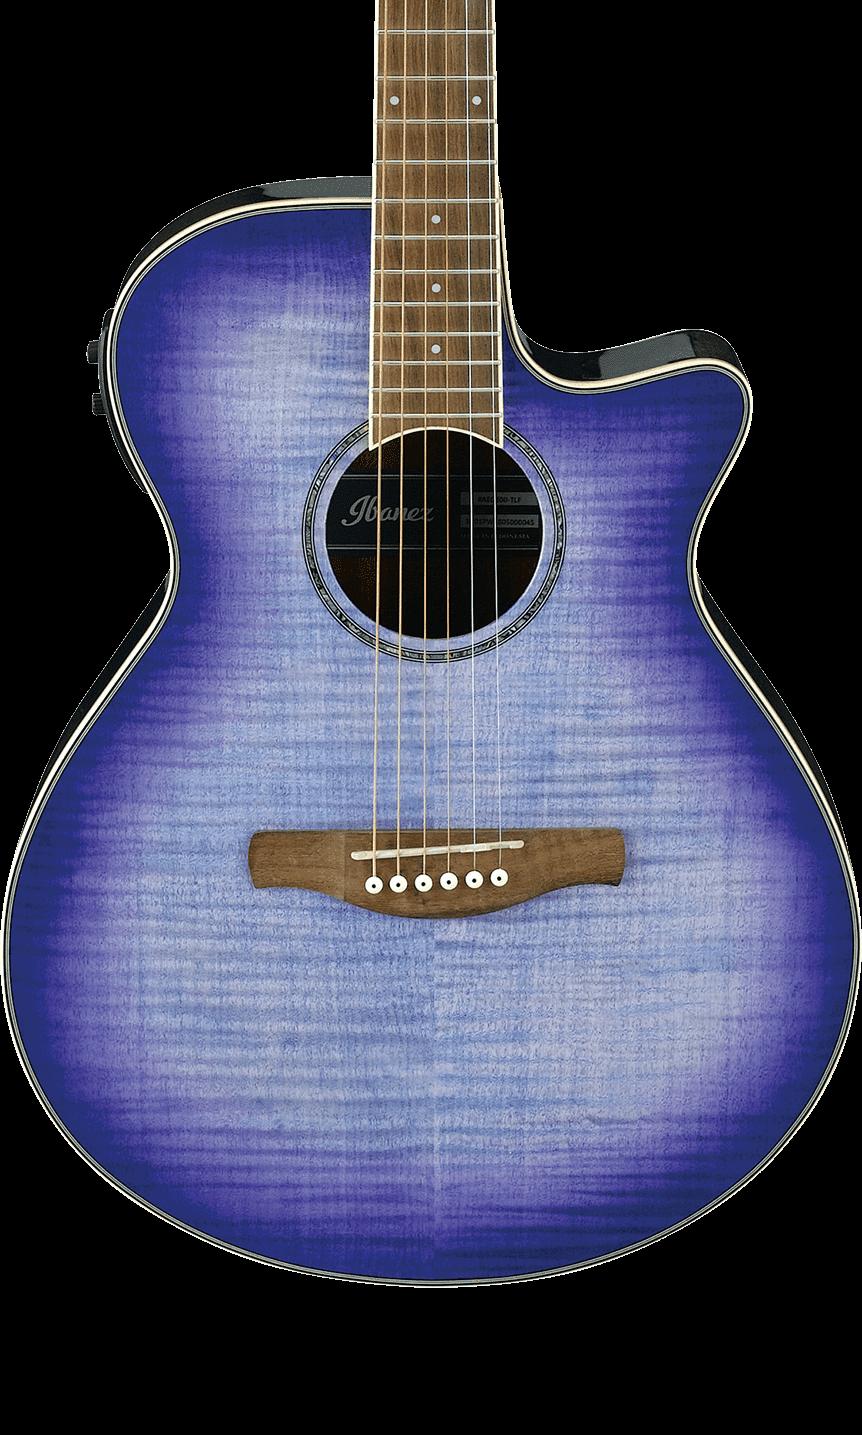 Ibanez AEG19IIPIB Acoustic Electric Guitar - Purple Iris Burst